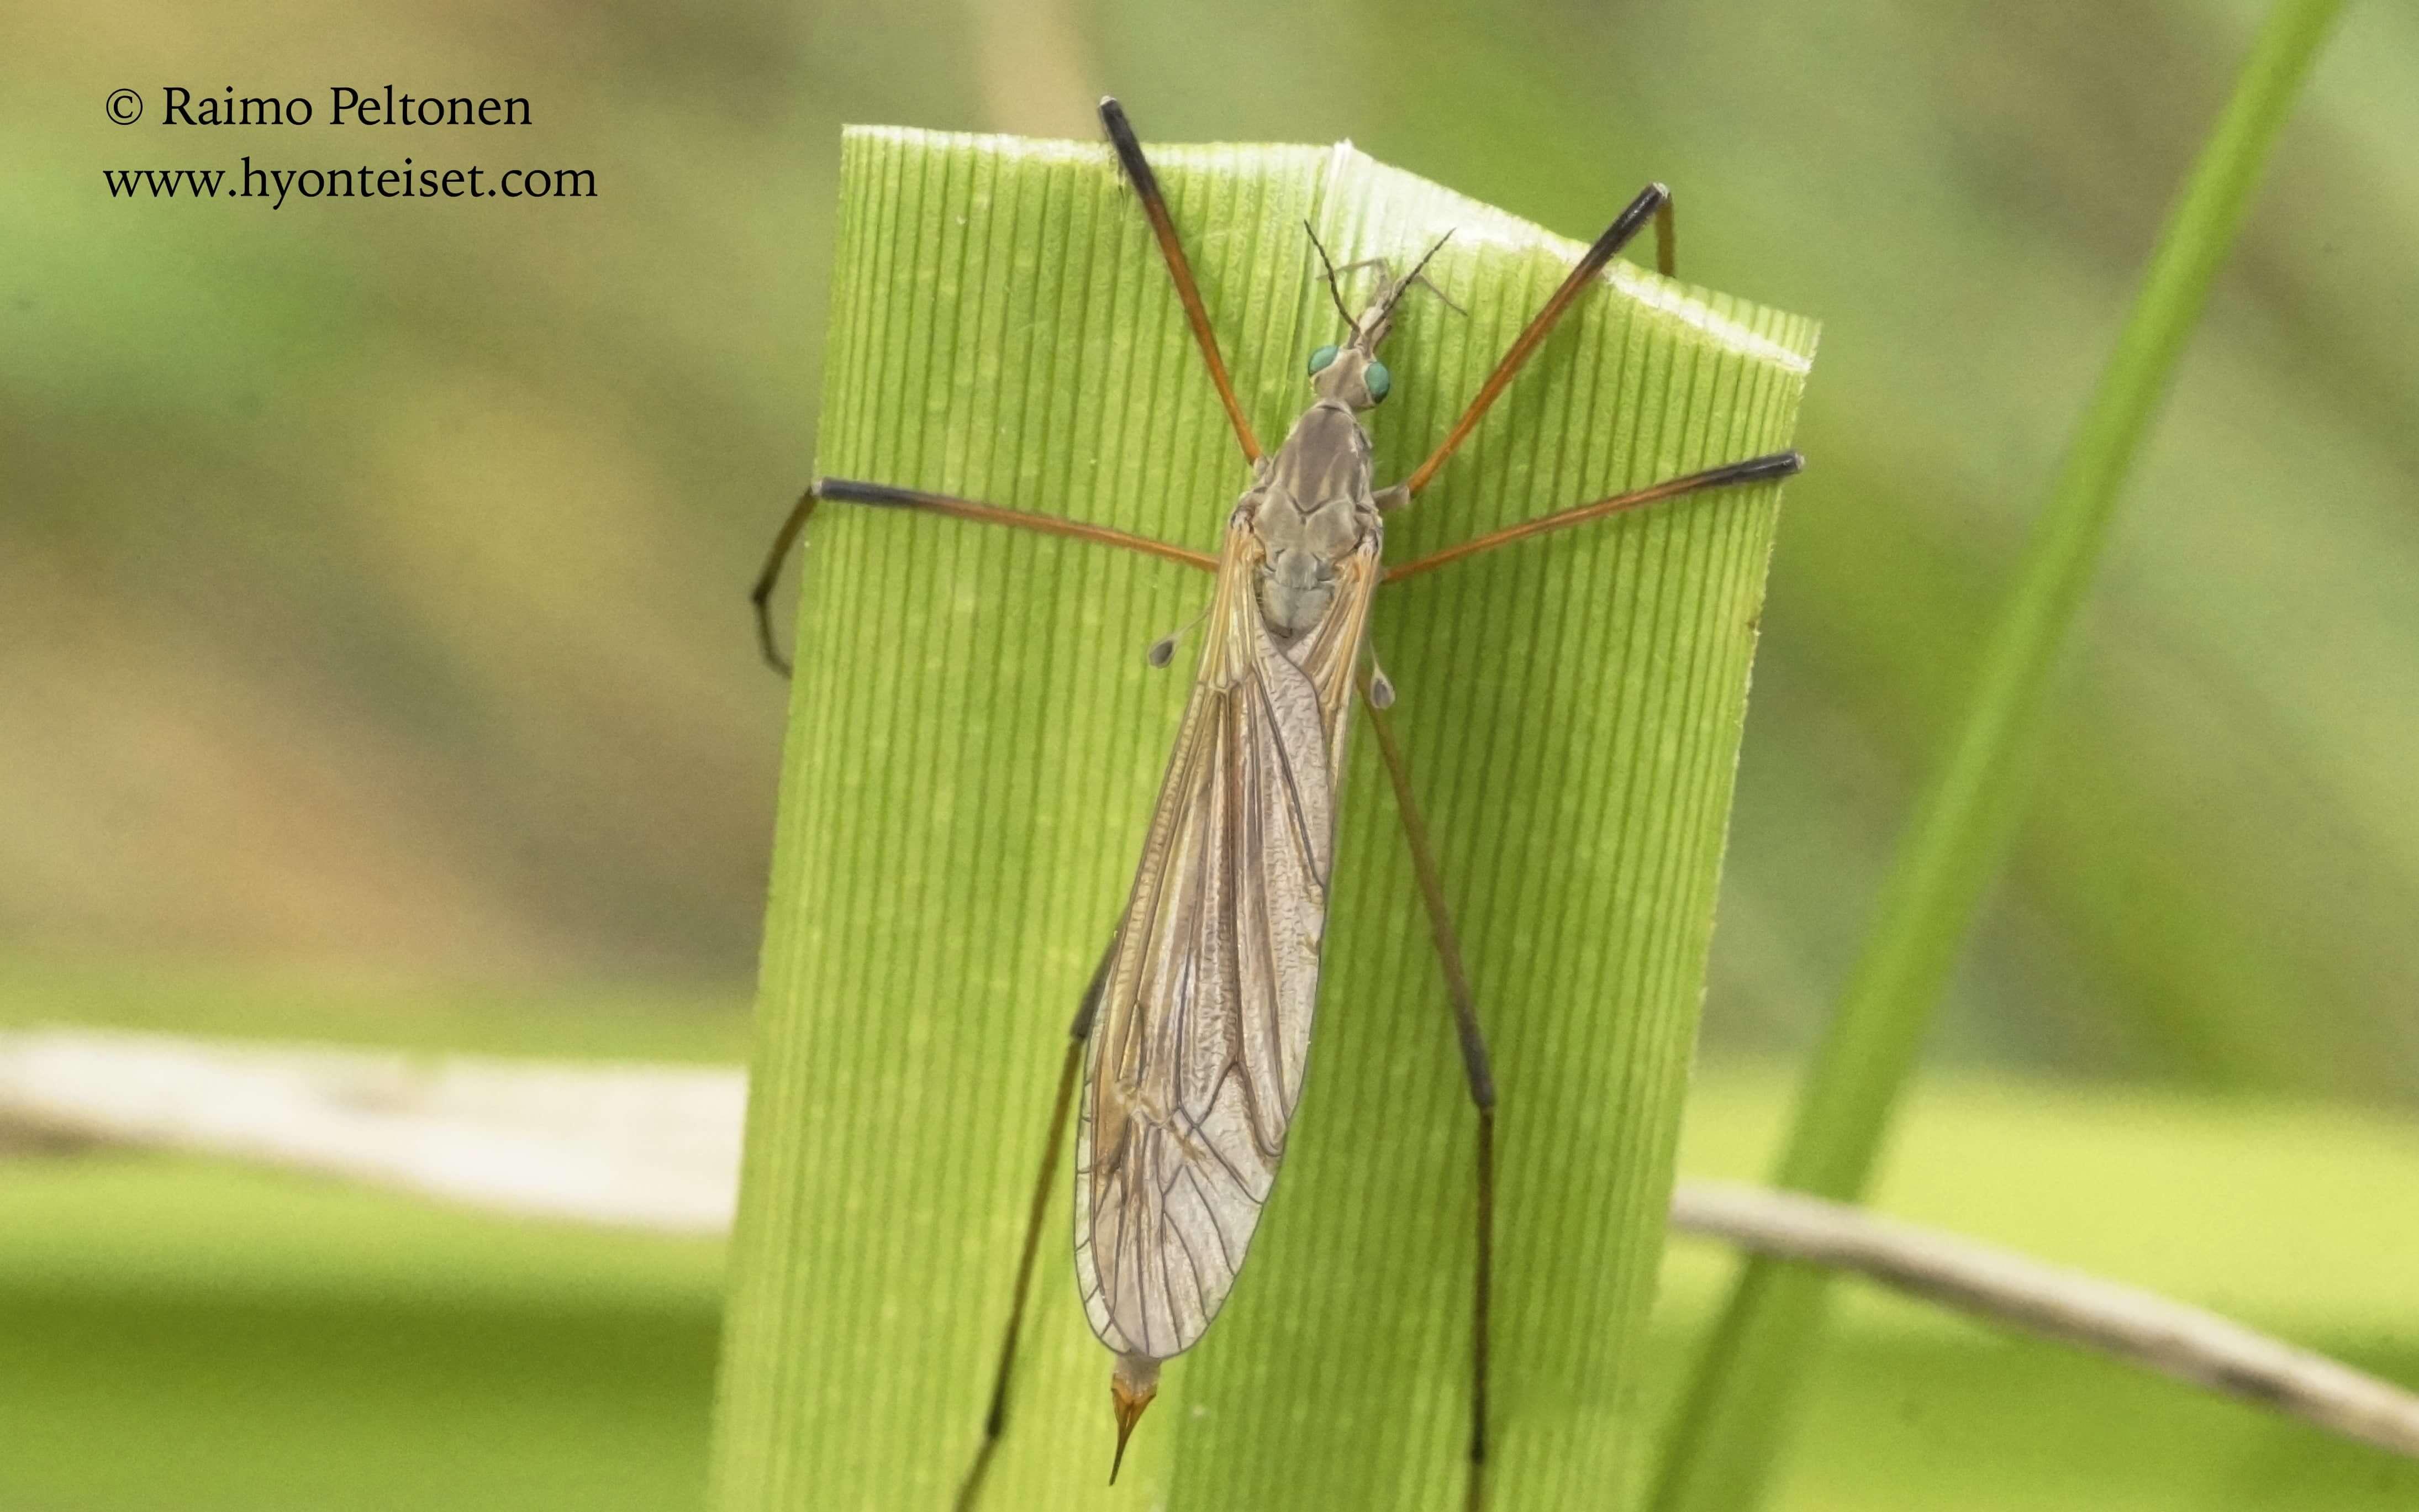 Tipula cf. luteipennis-luhtavälkekirsikäs (det. Esko Viitanen), 1.9.2016 Jyväskylä